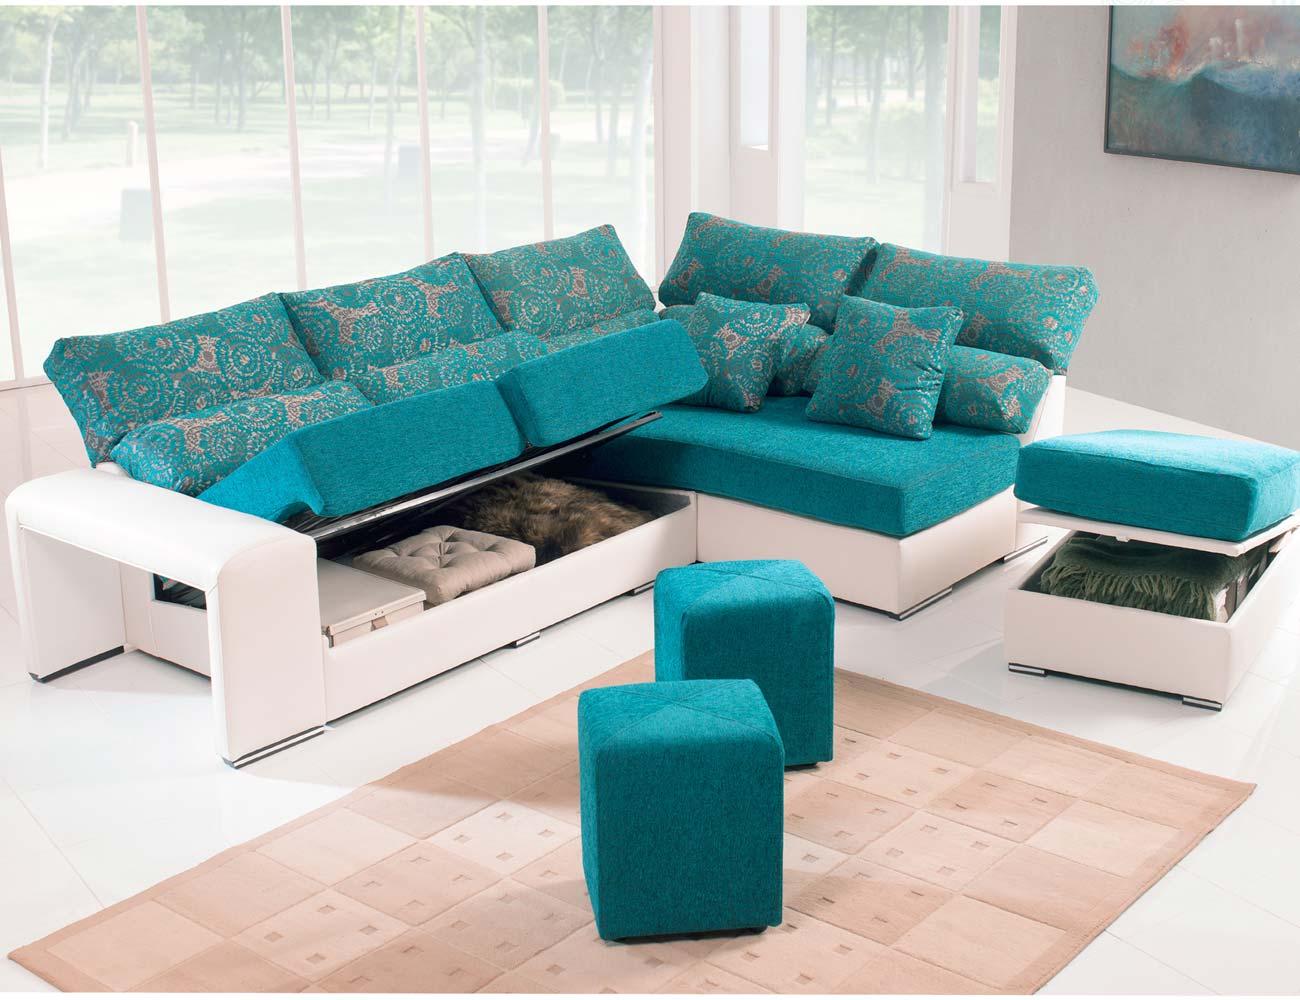 Sofa chaiselongue rincon puff arcon taburete22